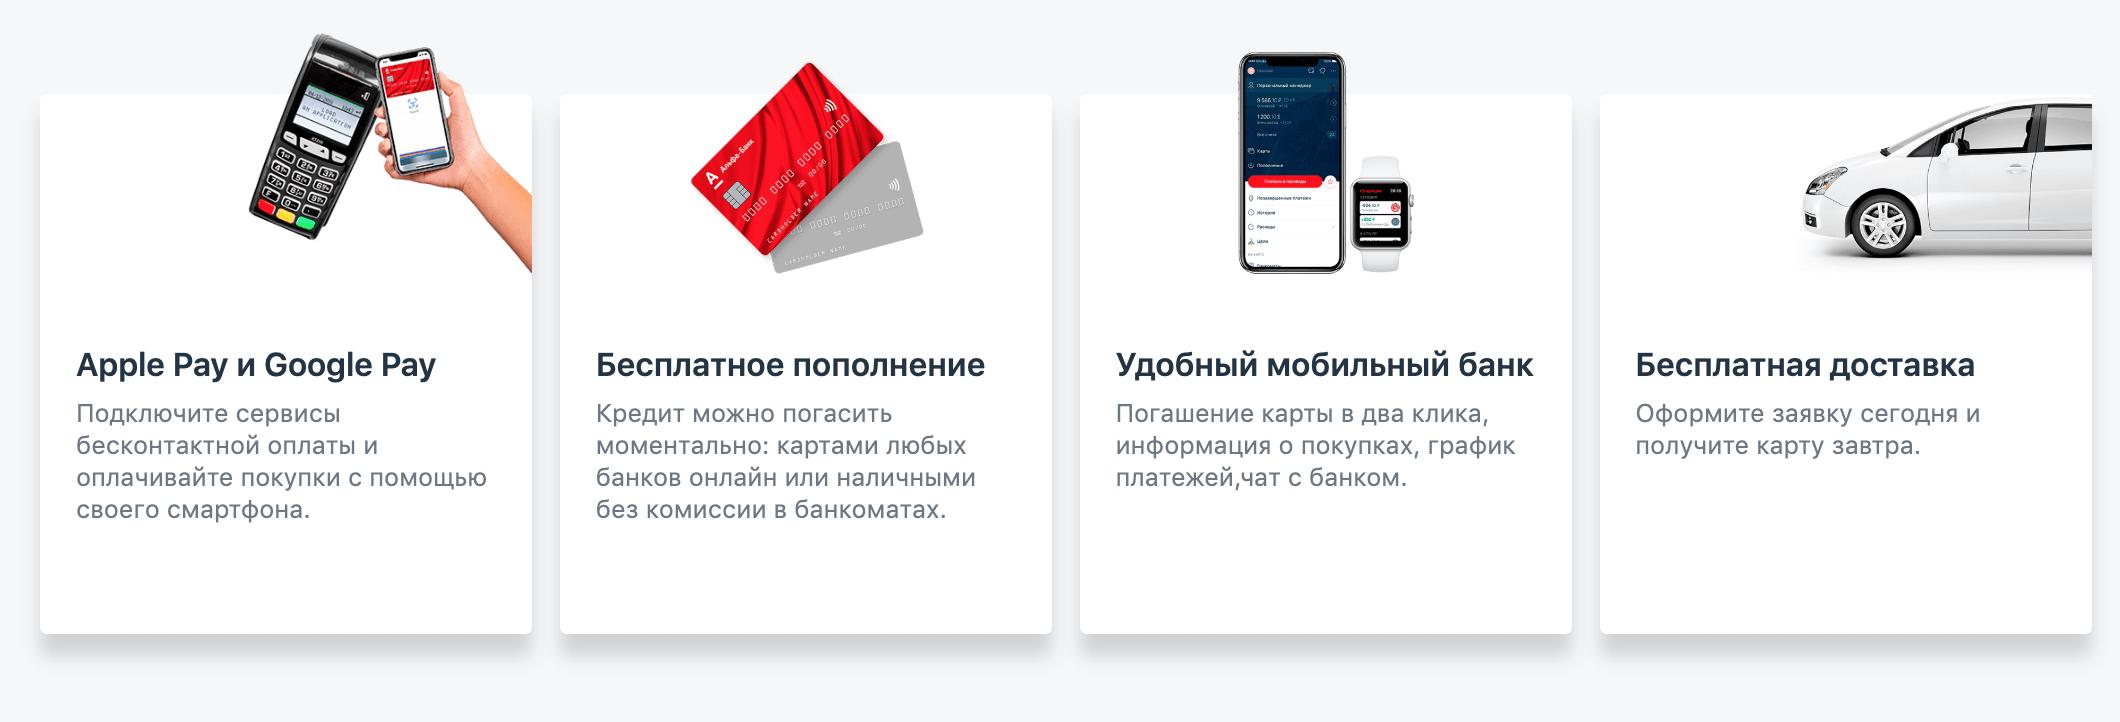 Кредит наличными альфа банк онлайн заявка на кредитную карту оформить